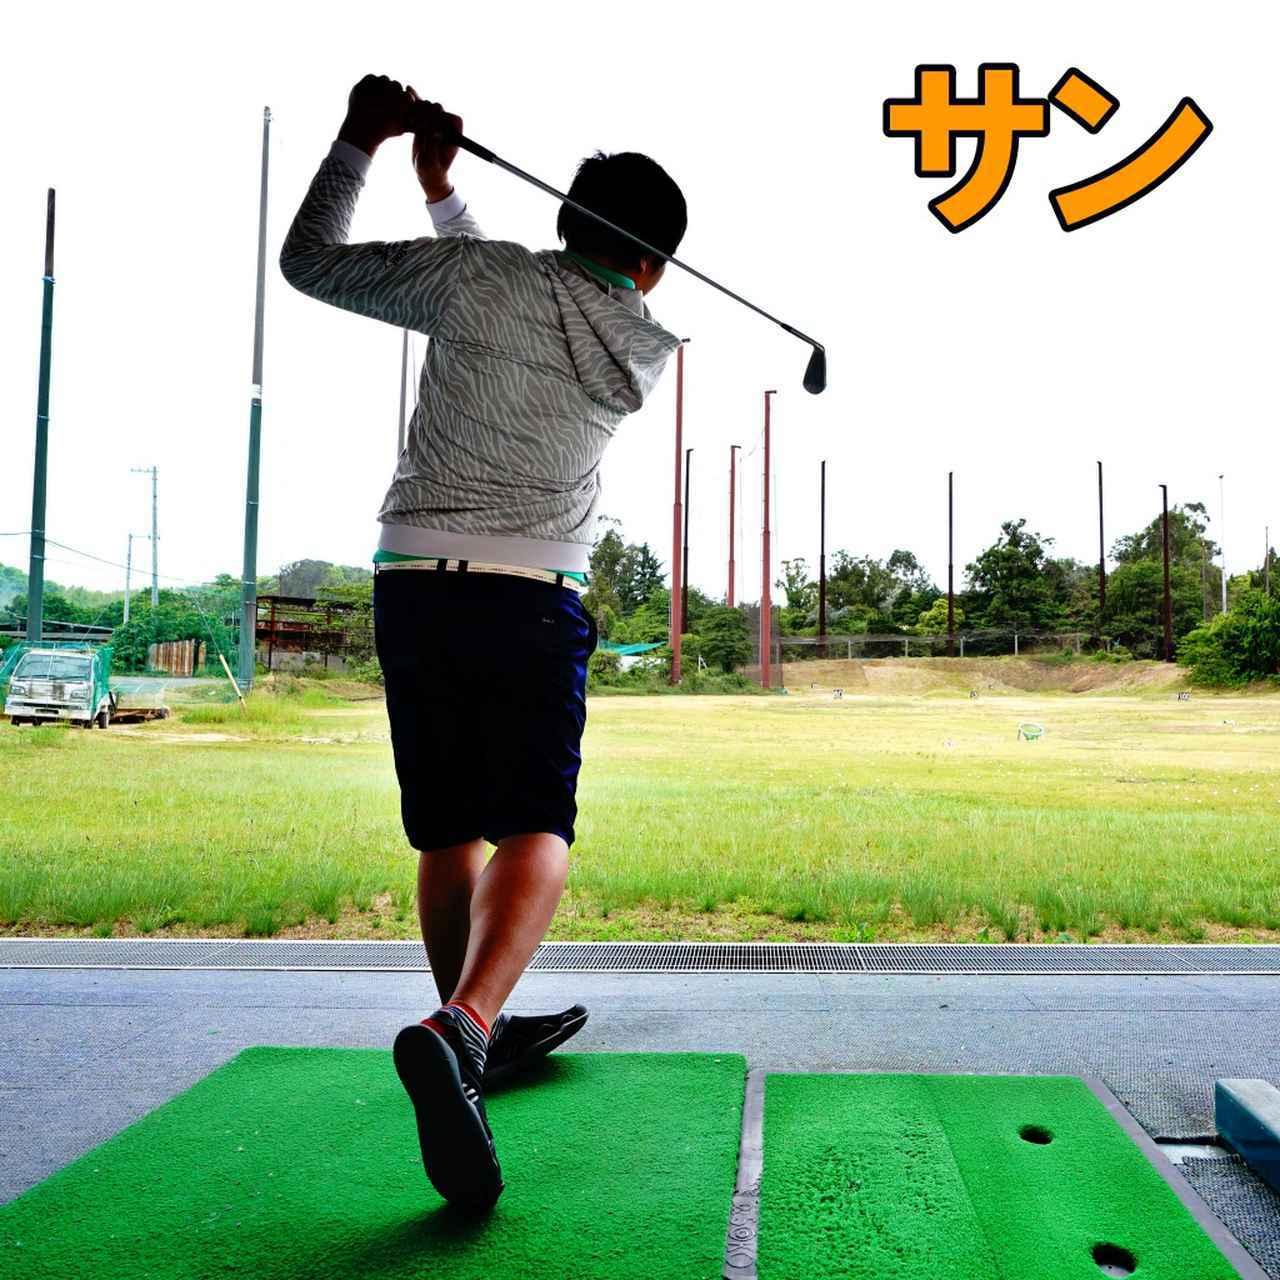 画像2: 【通勤GD】遊ぶつもりでやってみて! Vol.5 スクェアアドレスと3秒打ちで基礎固め!? ゴルフダイジェストWEB